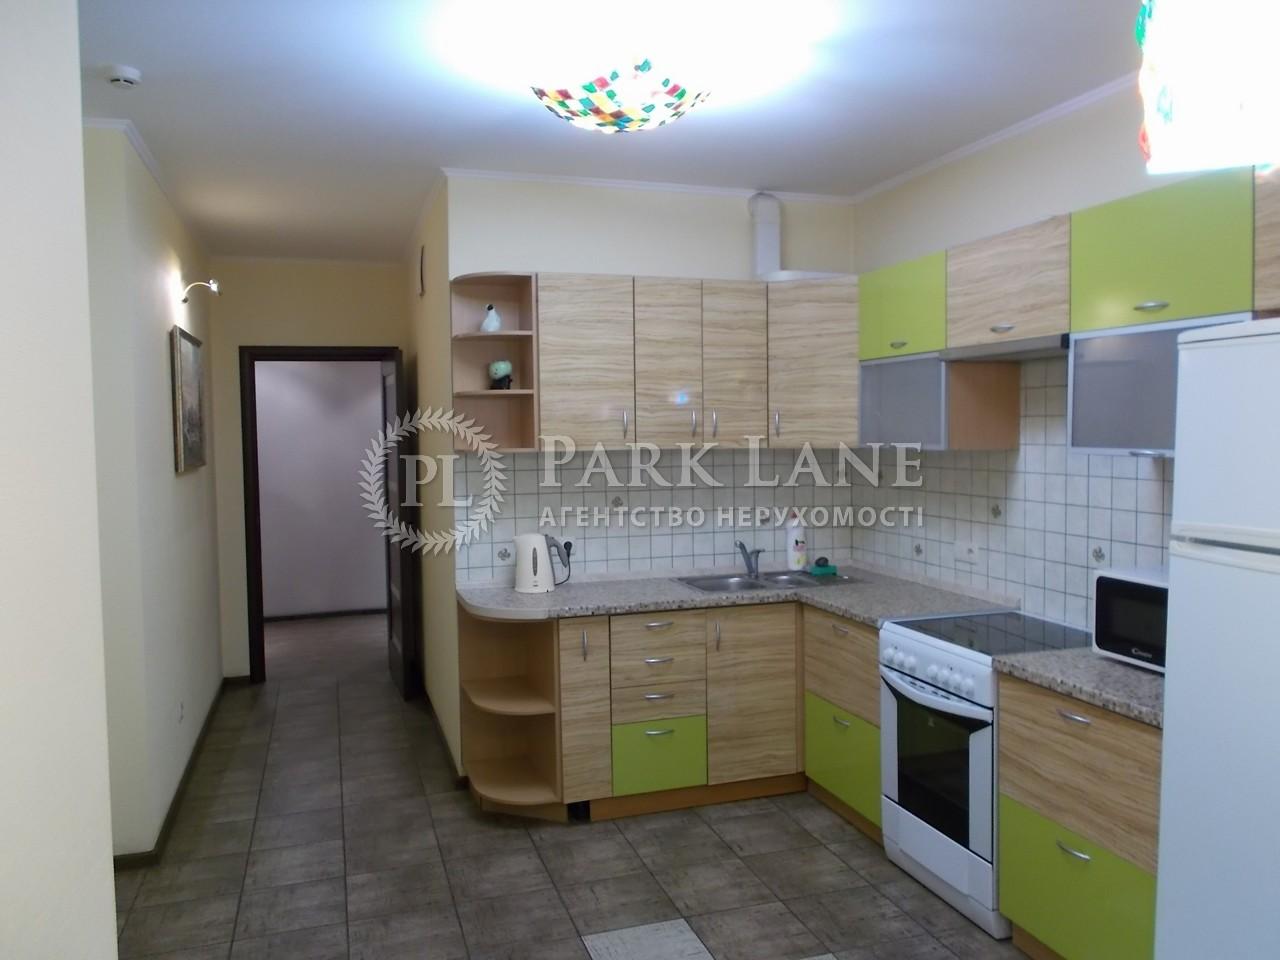 Квартира вул. Срібнокільська, 1, Київ, M-11279 - Фото 10